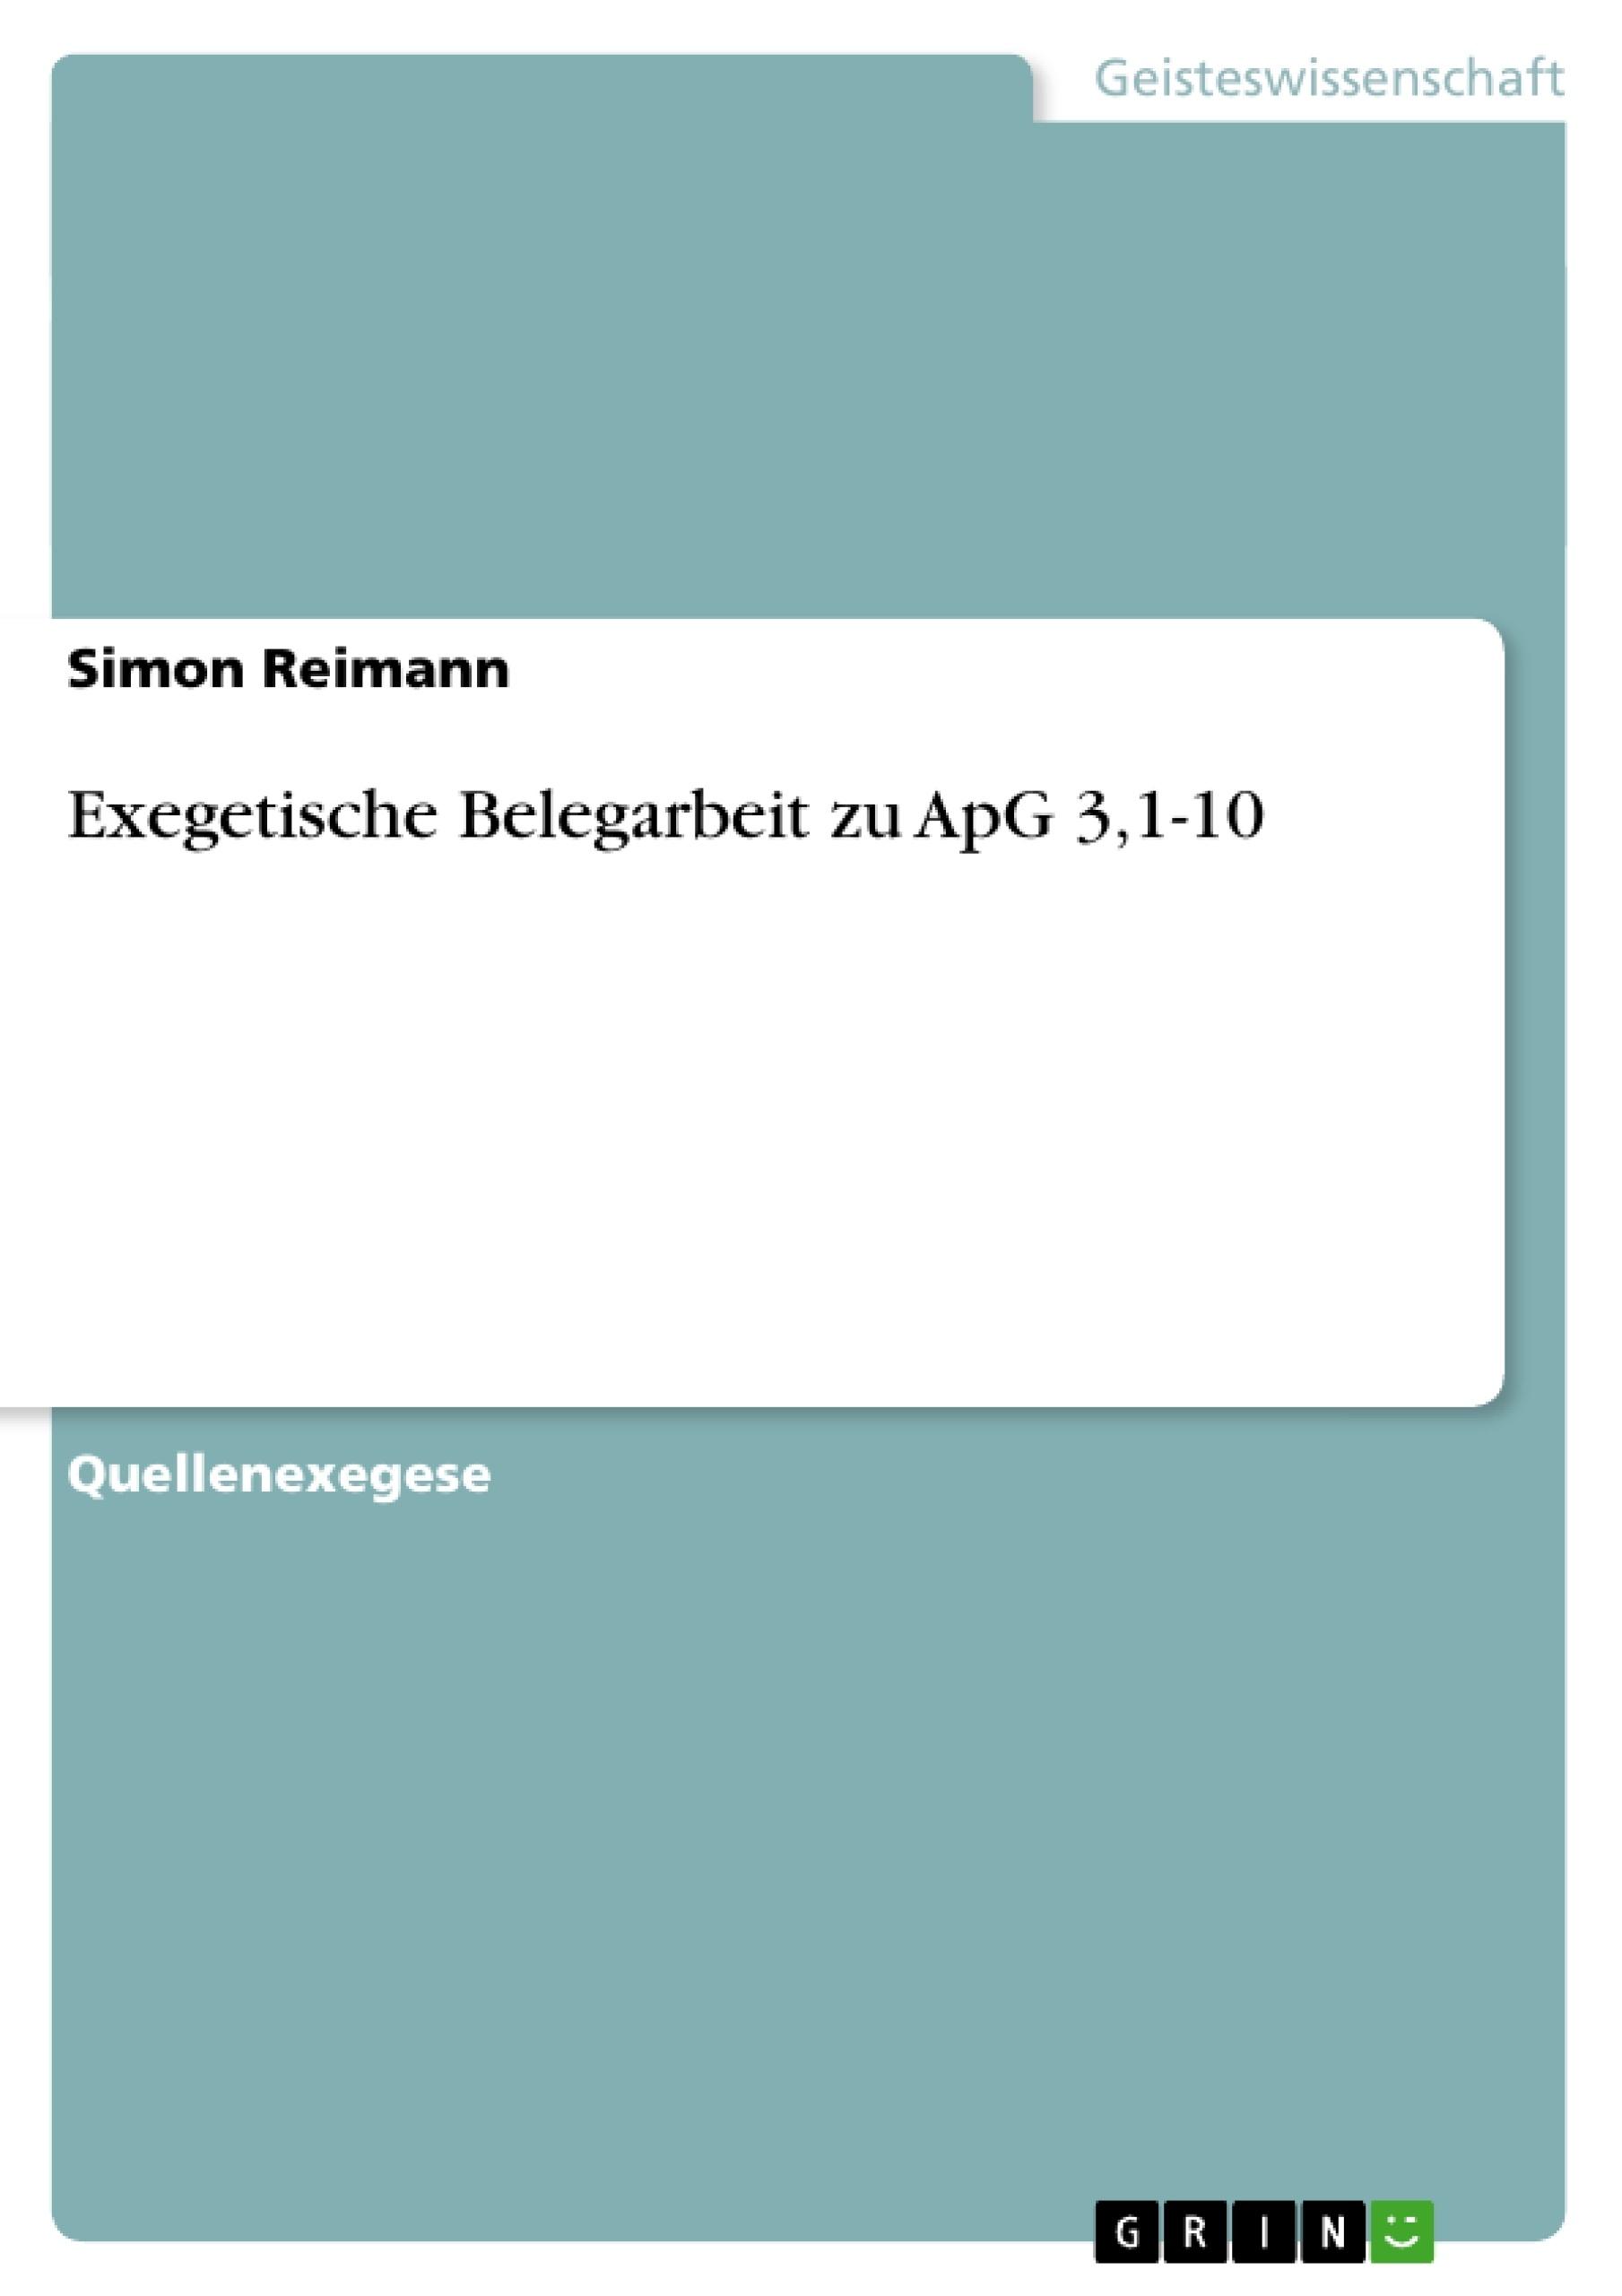 Titel: Exegetische Belegarbeit zu ApG 3,1-10